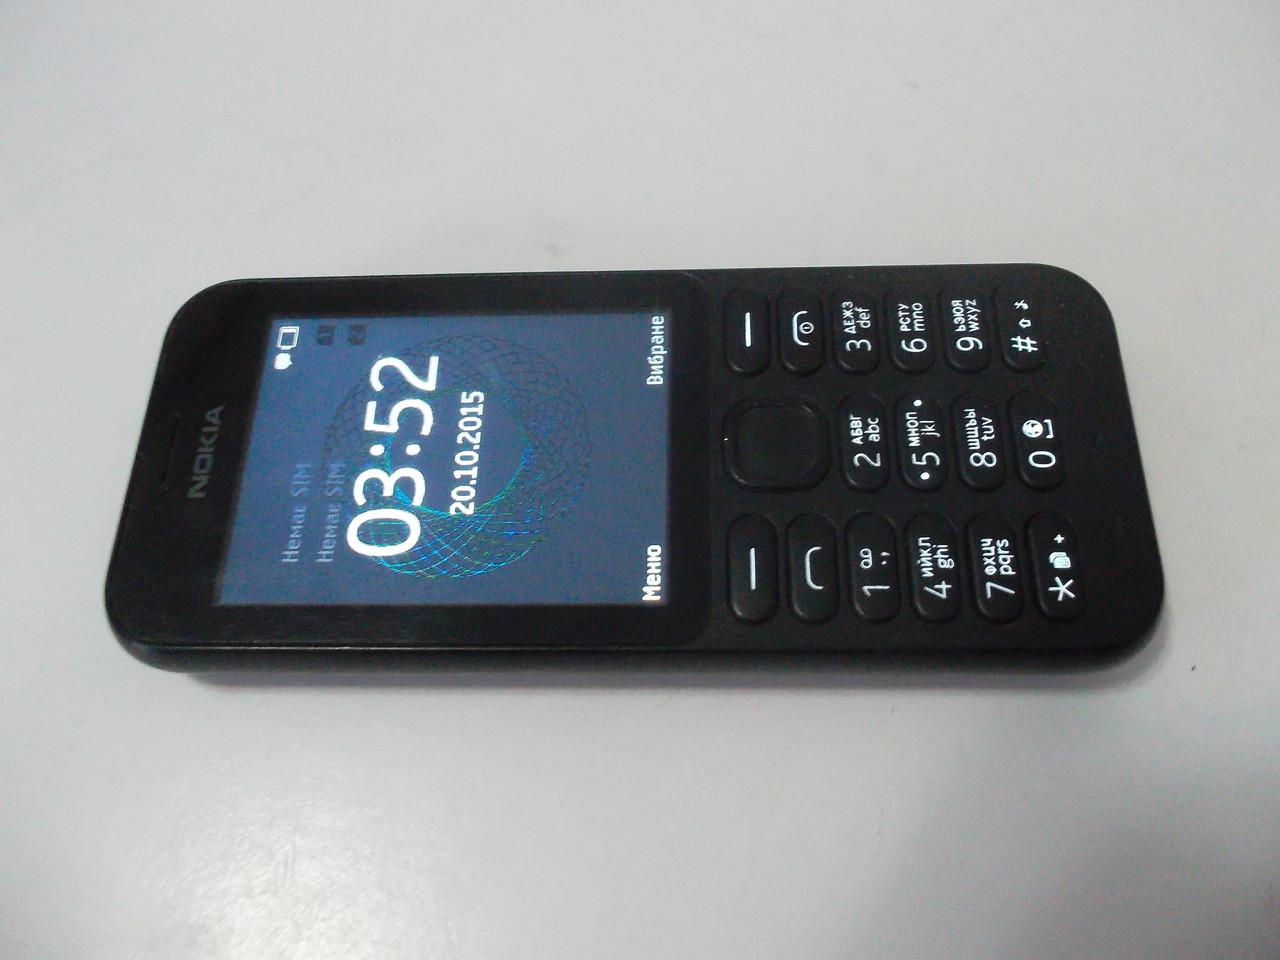 f9fb7deea7840 Мобильный Телефон Nokia Rm-1110 (nokia 225) №3307 — в Категории ...